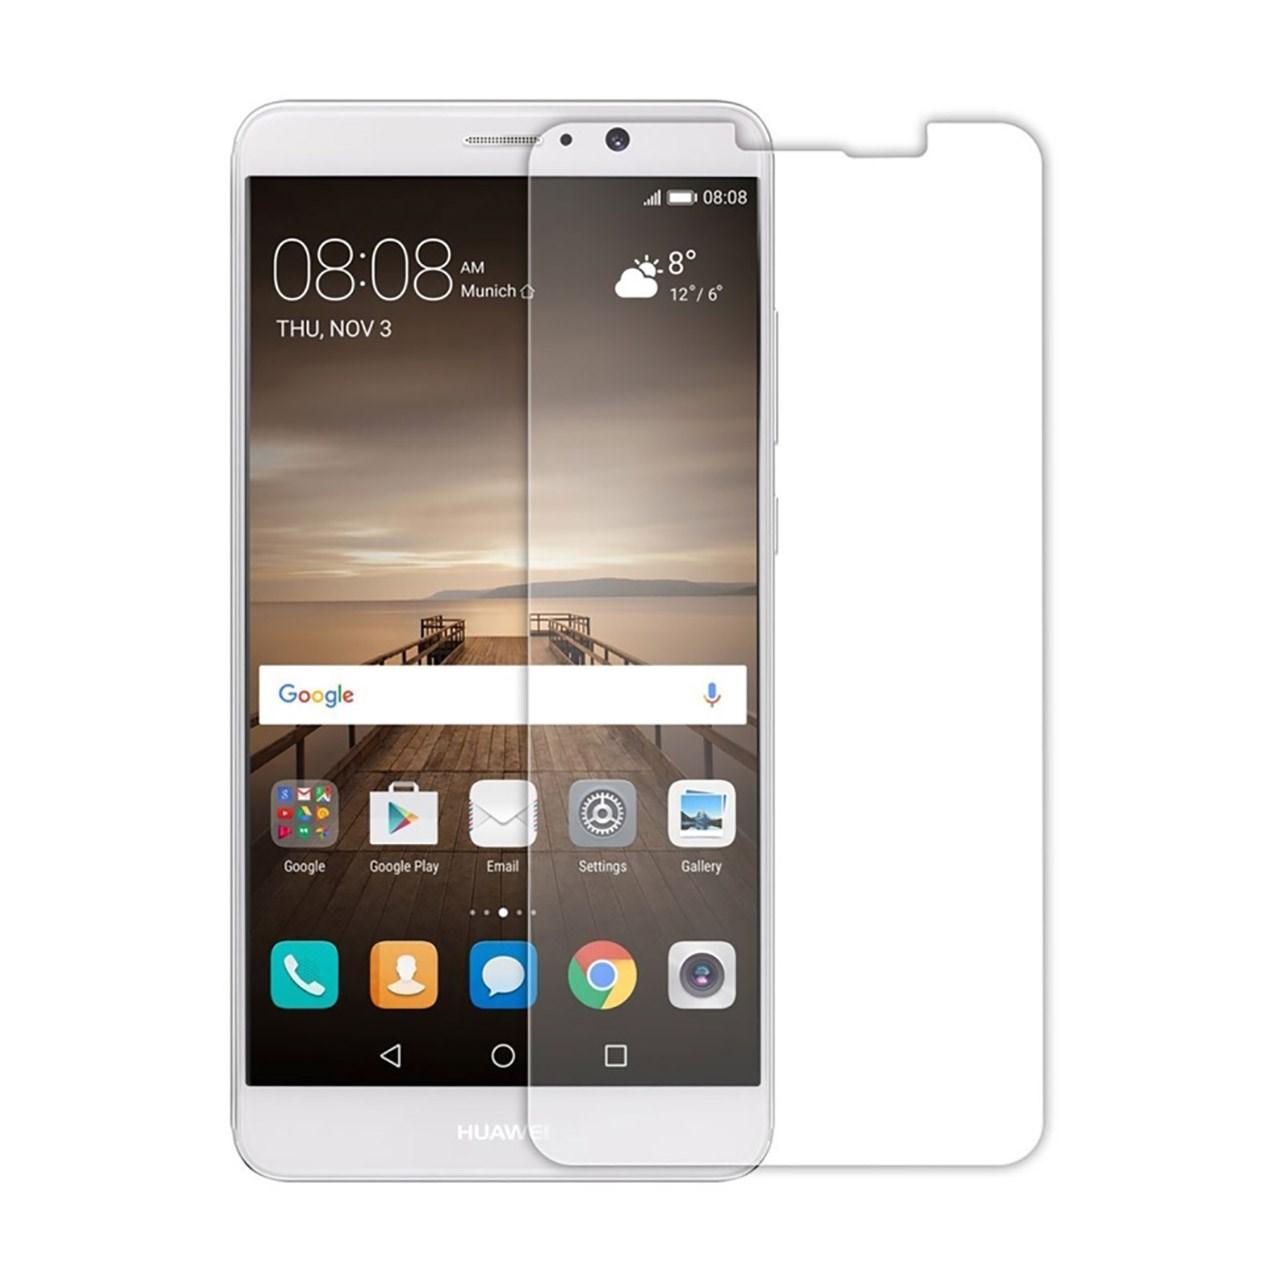 محافظ صفحه نمایش شیشه ای نیلکین مدل Amazing H Anti-Explosion مناسب برای گوشی موبایل HUAWEI Mate 9